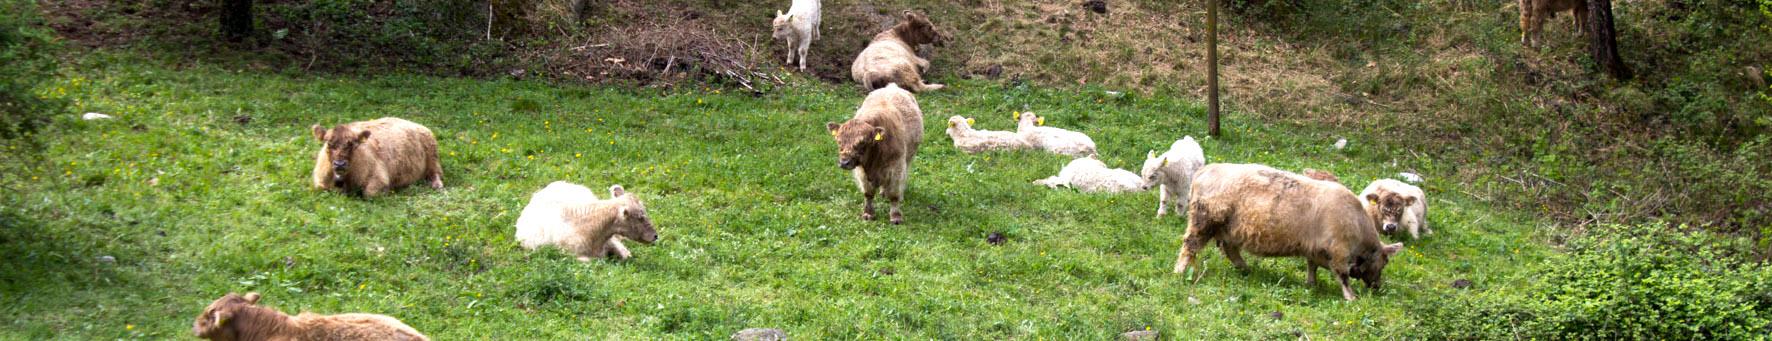 mucca-galloway-fattoria-guglielminetti-omegna